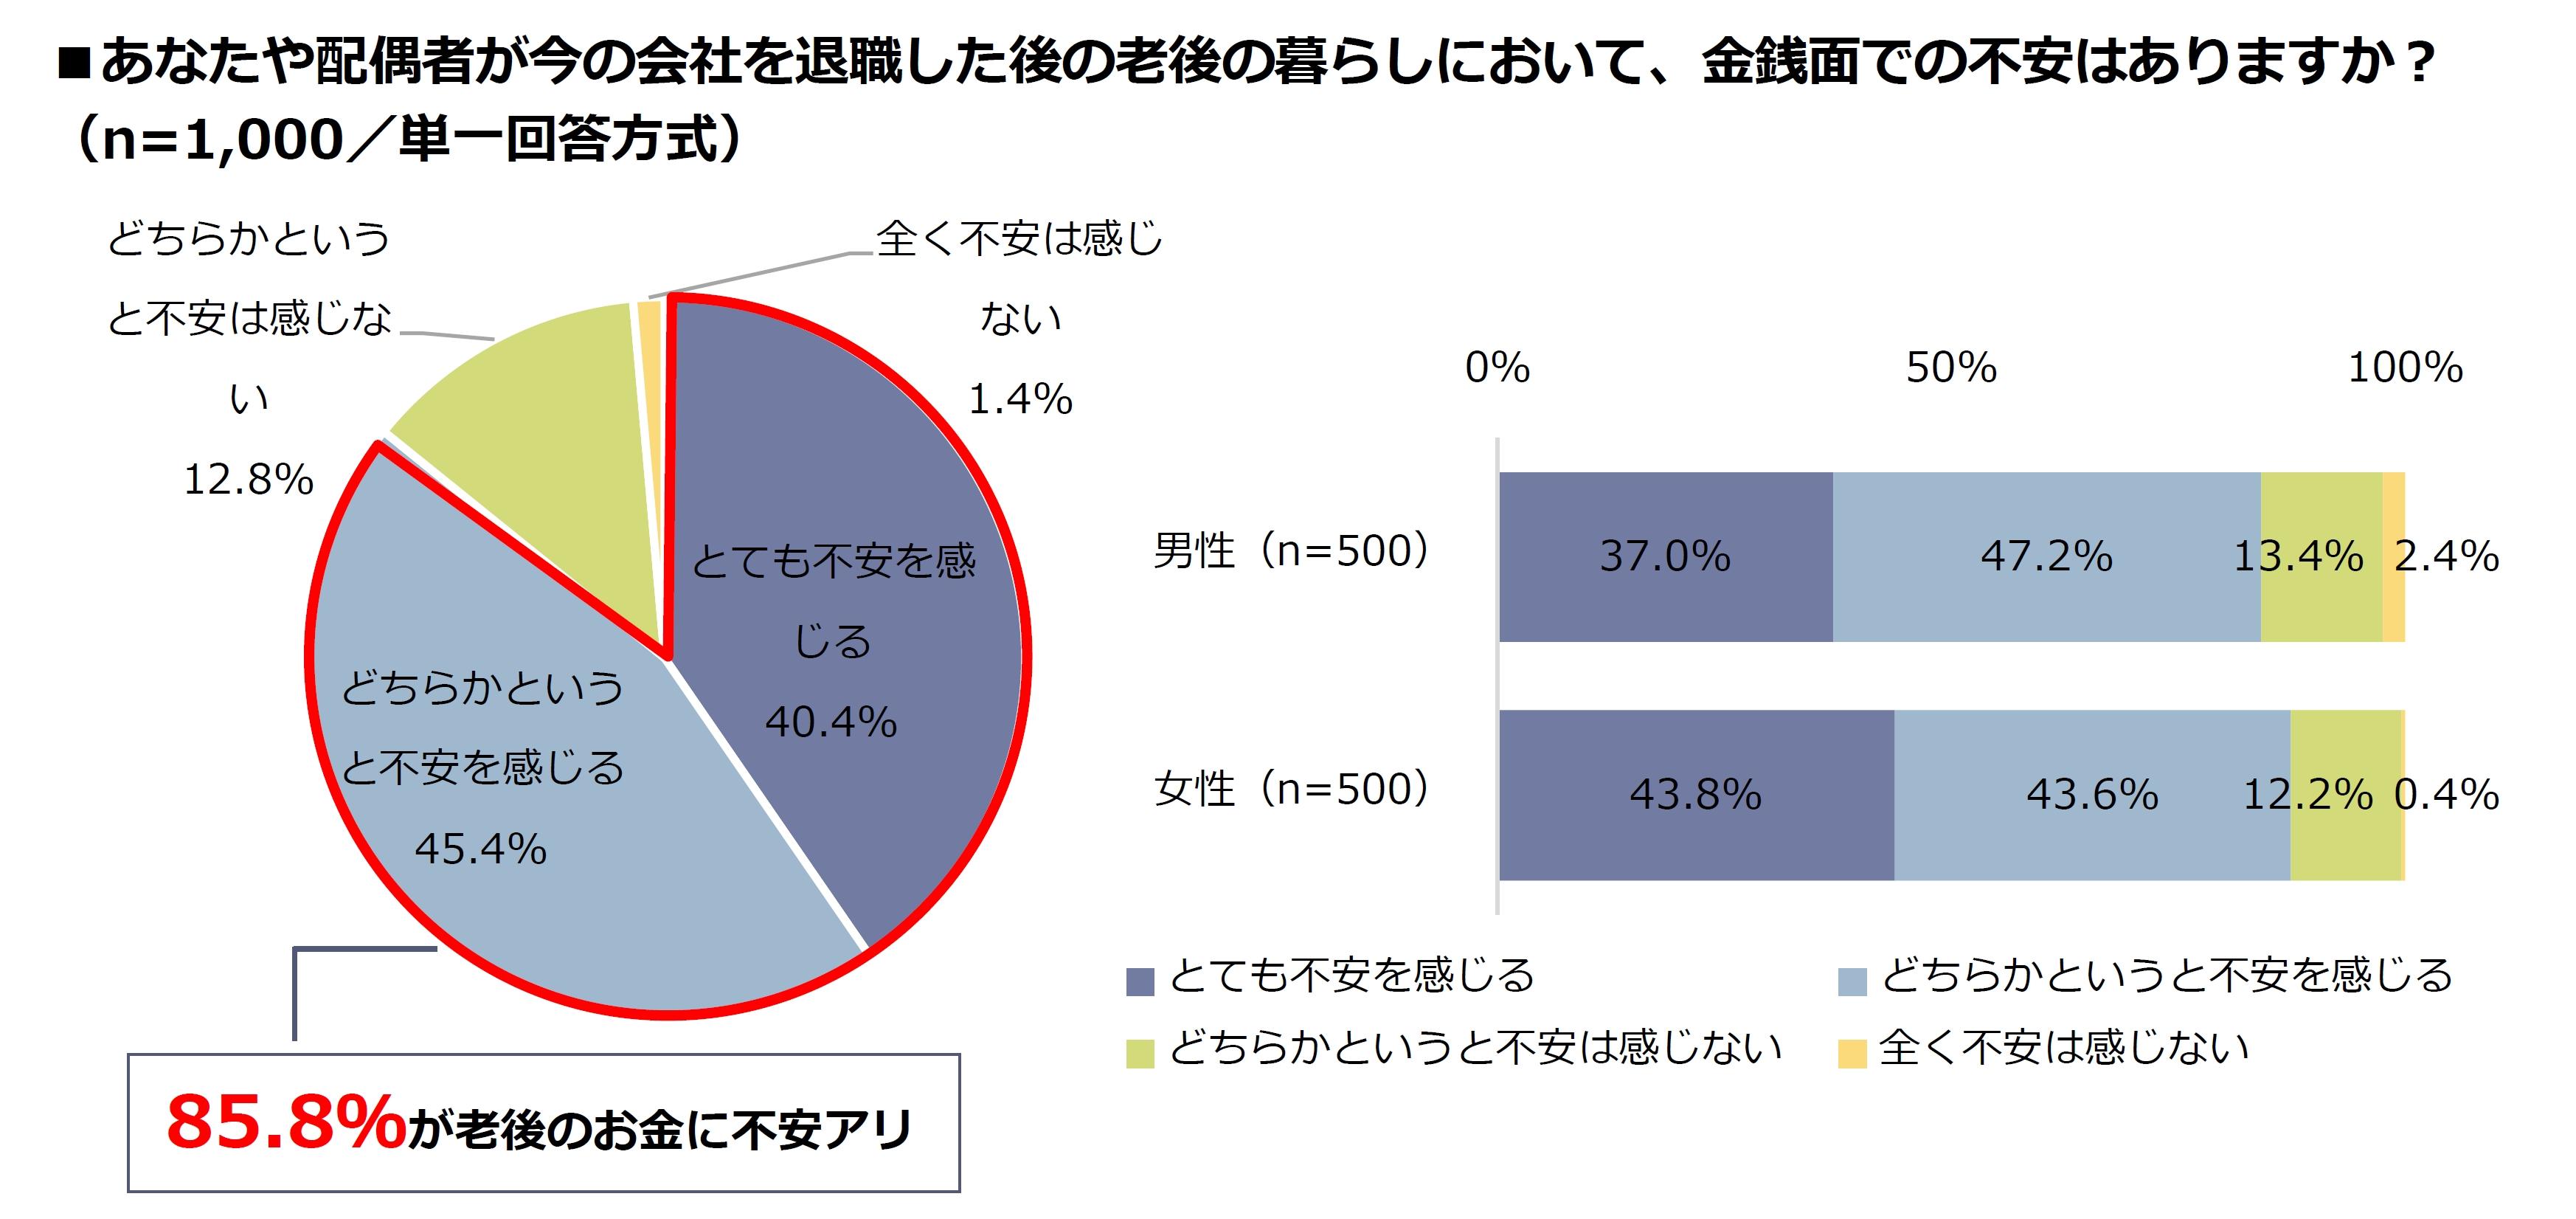 85.8%が、老後の暮らしに金銭面で不安ありと回答